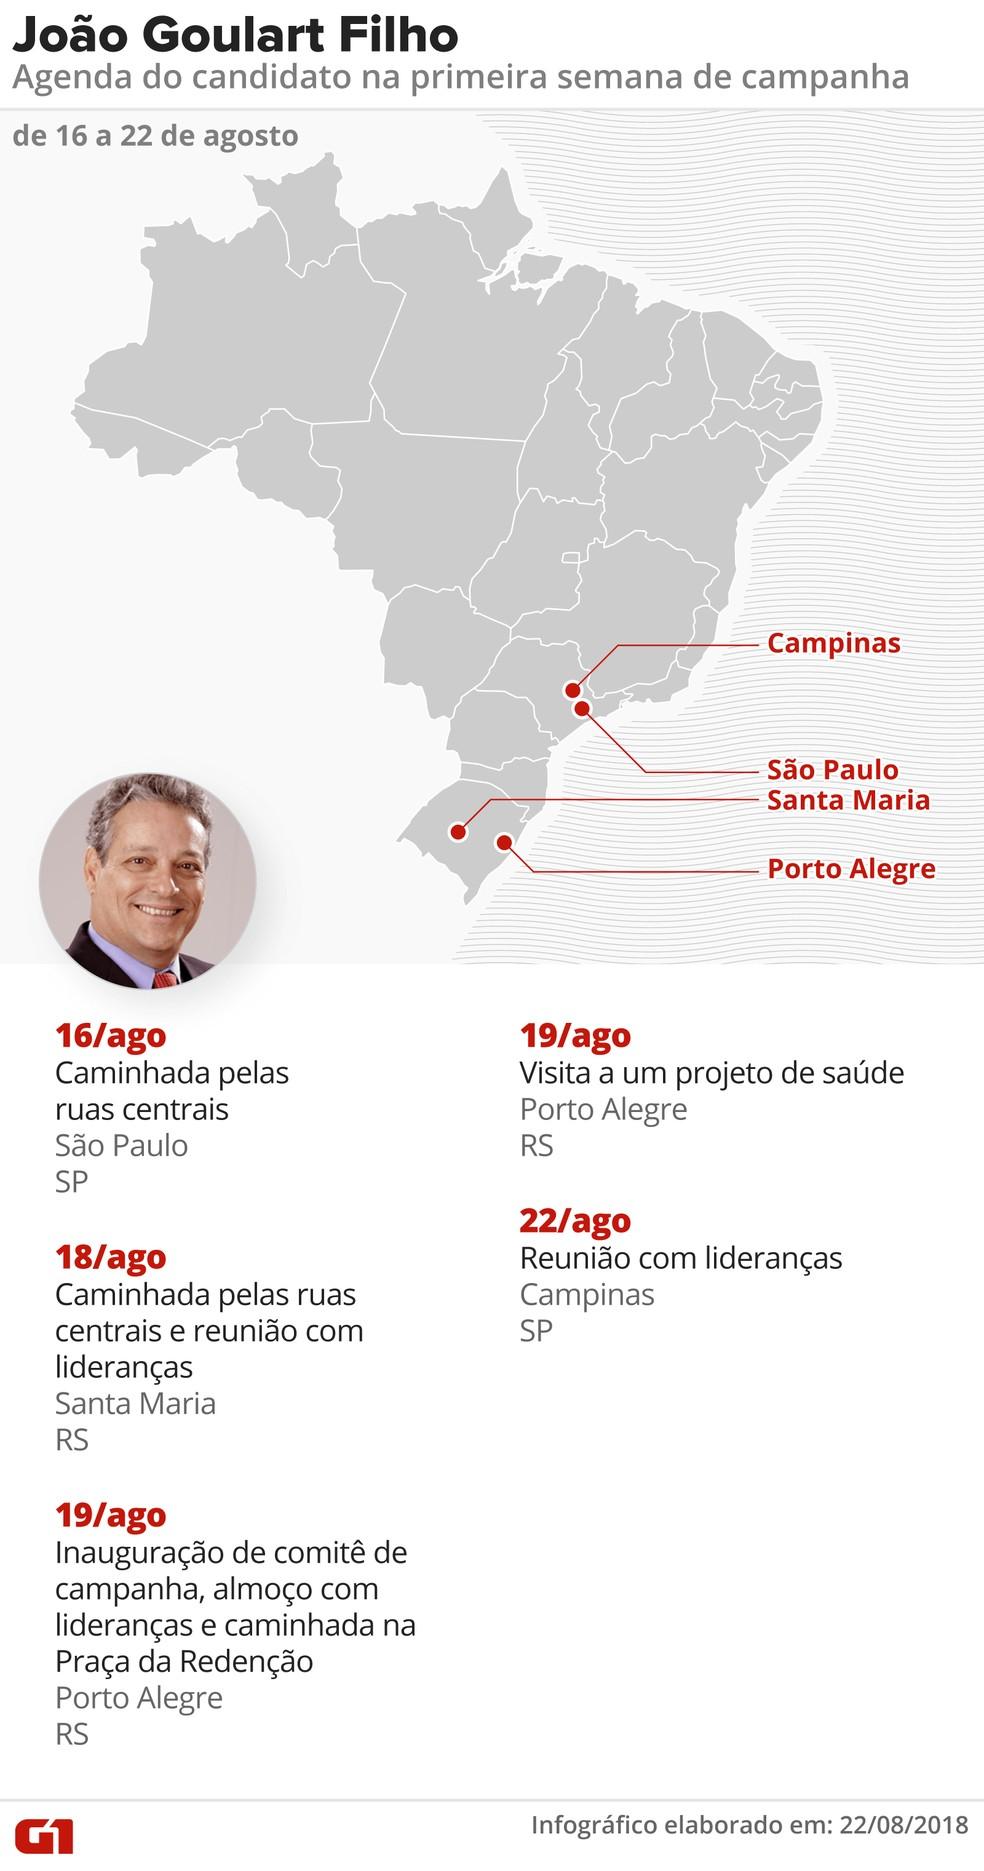 Agenda de João Goulart Filho (PPL) na primeira semana de campanha presidencial (Foto: Alexandre Mauro, Roberta Jaworski, Igor Estrella e Juliane Souza/G1)